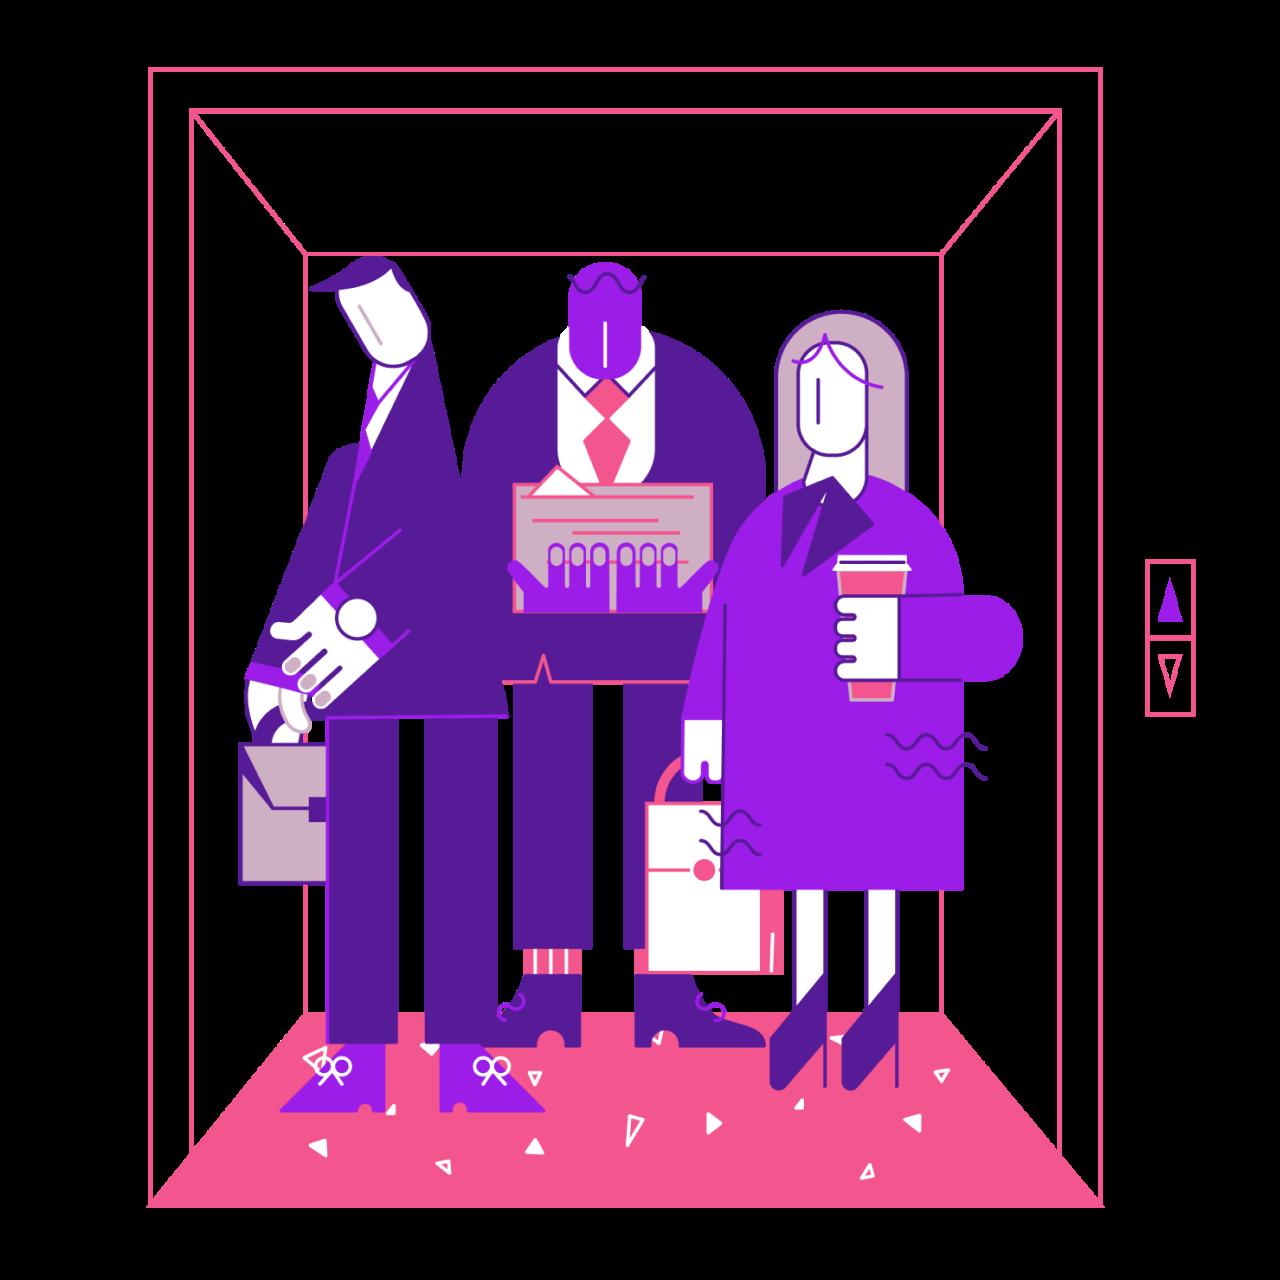 Обложка набора иллюстраций Workis на тему бизнес иллюстраций и офисной работы